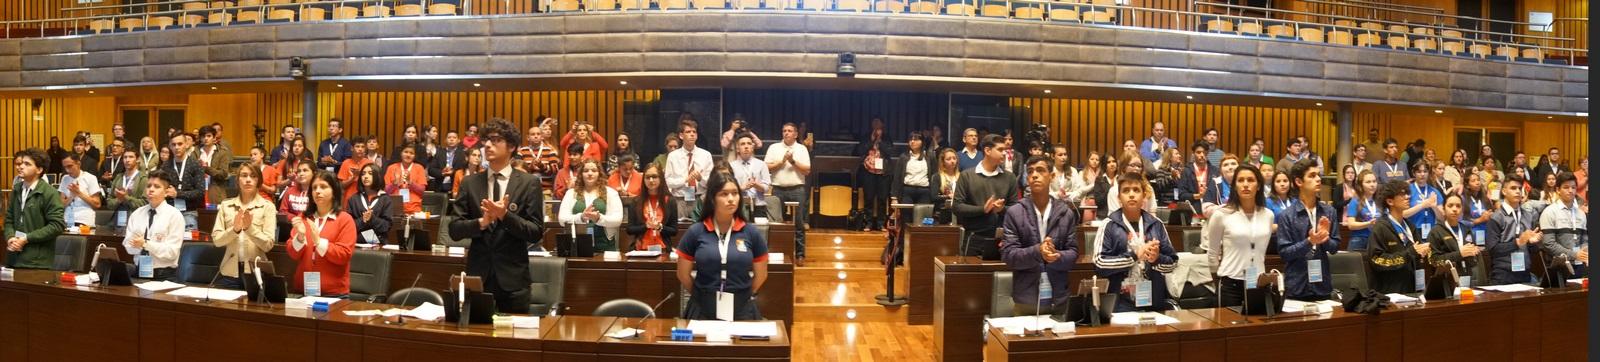 """""""Yo quiero ser Presidente"""", el deseo en primera persona expresado en el Parlamento Estudiantil"""